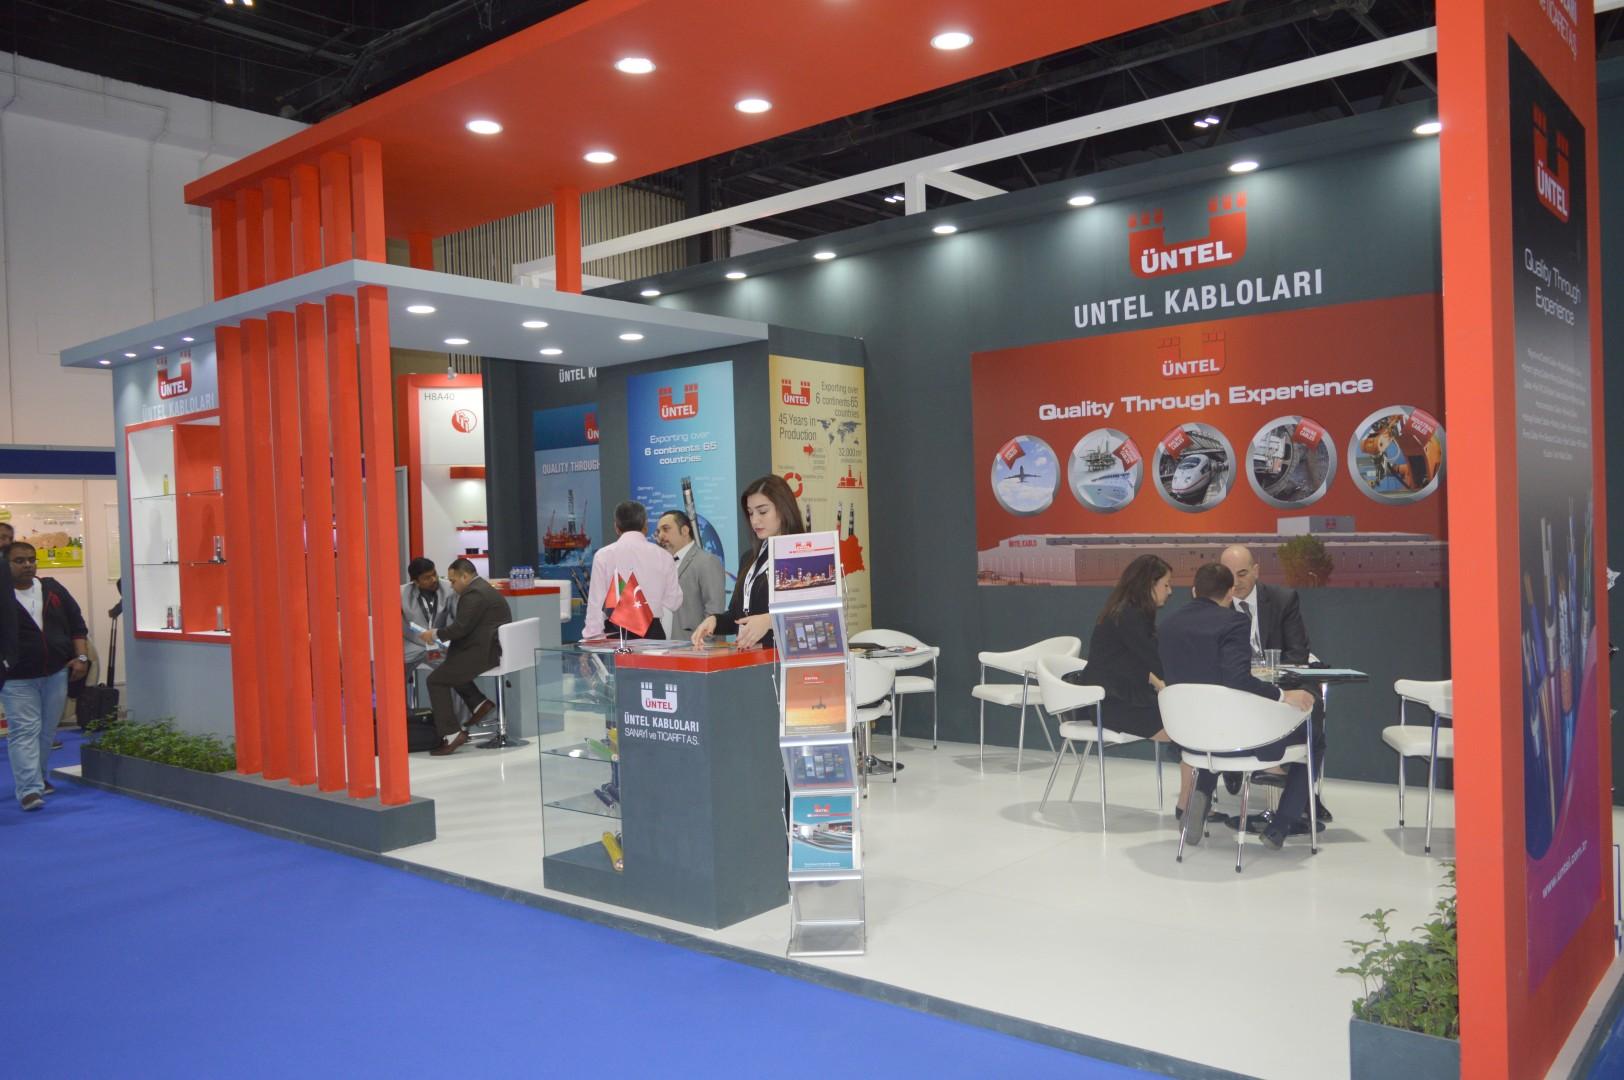 ÜNTEL KABLO Dubai Middle East Electricity Fuarında Yer Aldı.